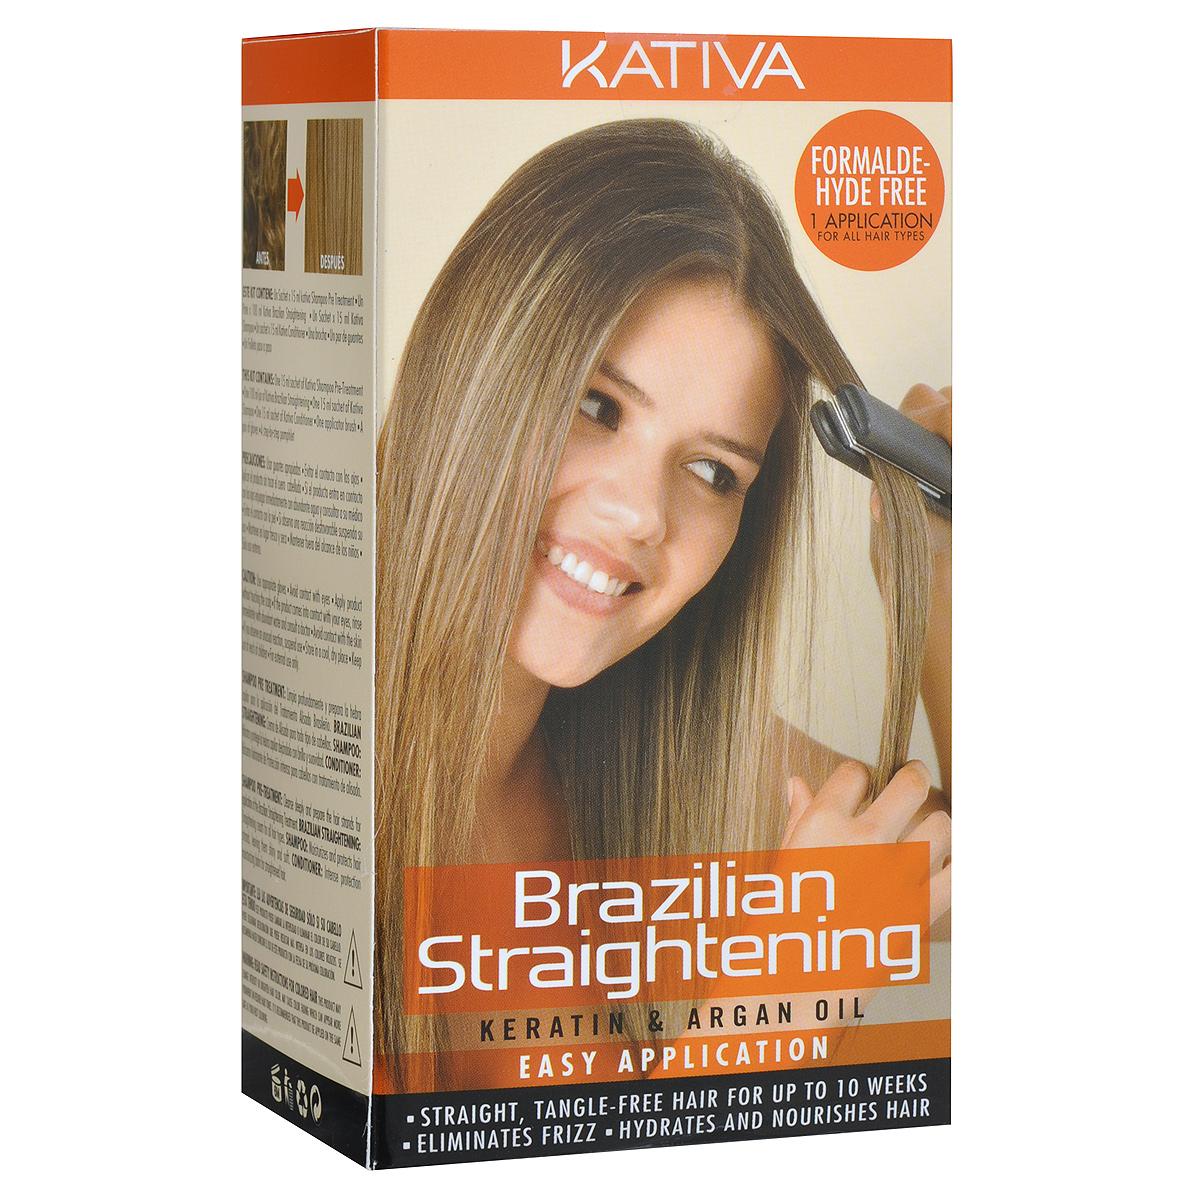 Kativa Набор для кератинового выпрямления и восстановления волос с маслом Арганы KERATINA65T00030Набор для бразильского выпрямления волос Kativa включает в себя шампунь для подготовки волос к кератиновому выпрямлению, средство для кератинового выпрямления и восстановления волос с маслом арганы, укрепляющий шампунь с кератином и укрепляющий бальзам-кондиционер с кератином для всех типов волос.Эксклюзивная формула способствует питанию, восстановлению, увлажнению волос, дарит им сияющий блеск, который не останется незамеченным. Система идеально выпрямляет волосы, убирая нежелательный объем и пушистость, свойственную вьющимся волосам. Не содержит формальдегид.Объем шампуня для подготовки волос: 15 мл.Объем средства для выпрямления волос: 100 мл.Объем укрепляющего шампуня: 15 мл.Объем укрепляющего бальзама-кондиционера: 15 мл.Специалисты Kativa рекомендуют использовать систему в день процедуры окрашивания волос.Товар сертифицирован.